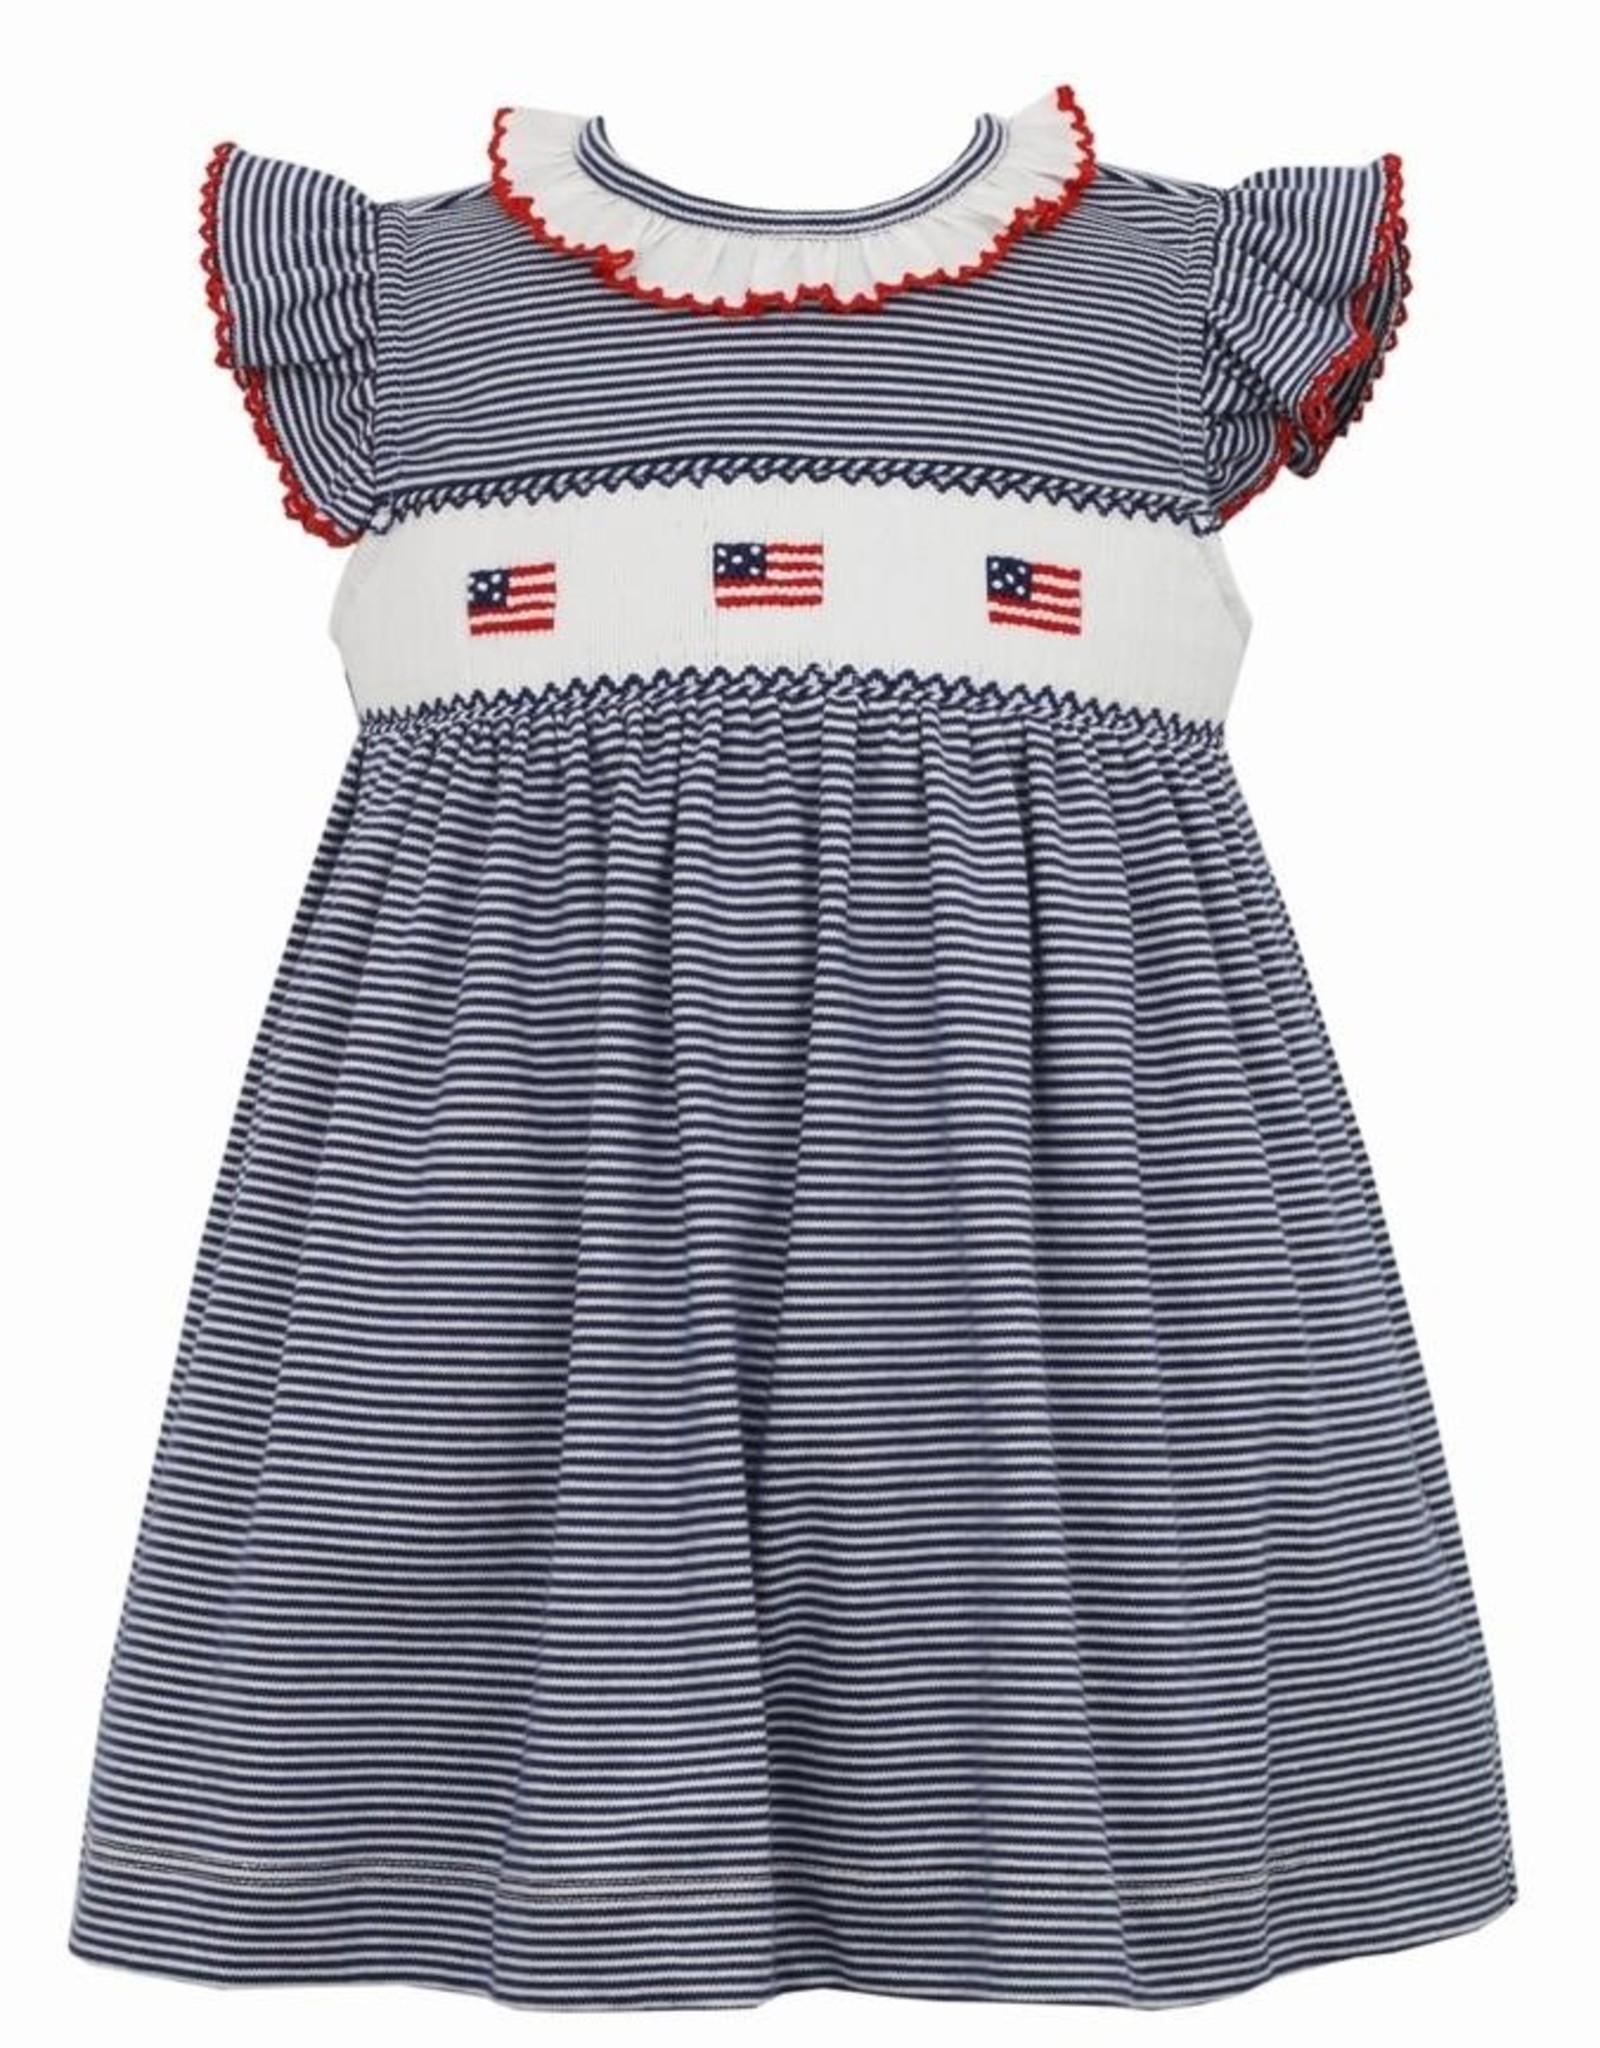 Petit Bebe Flags Dress w/ Ruffle Collar & Sleeves